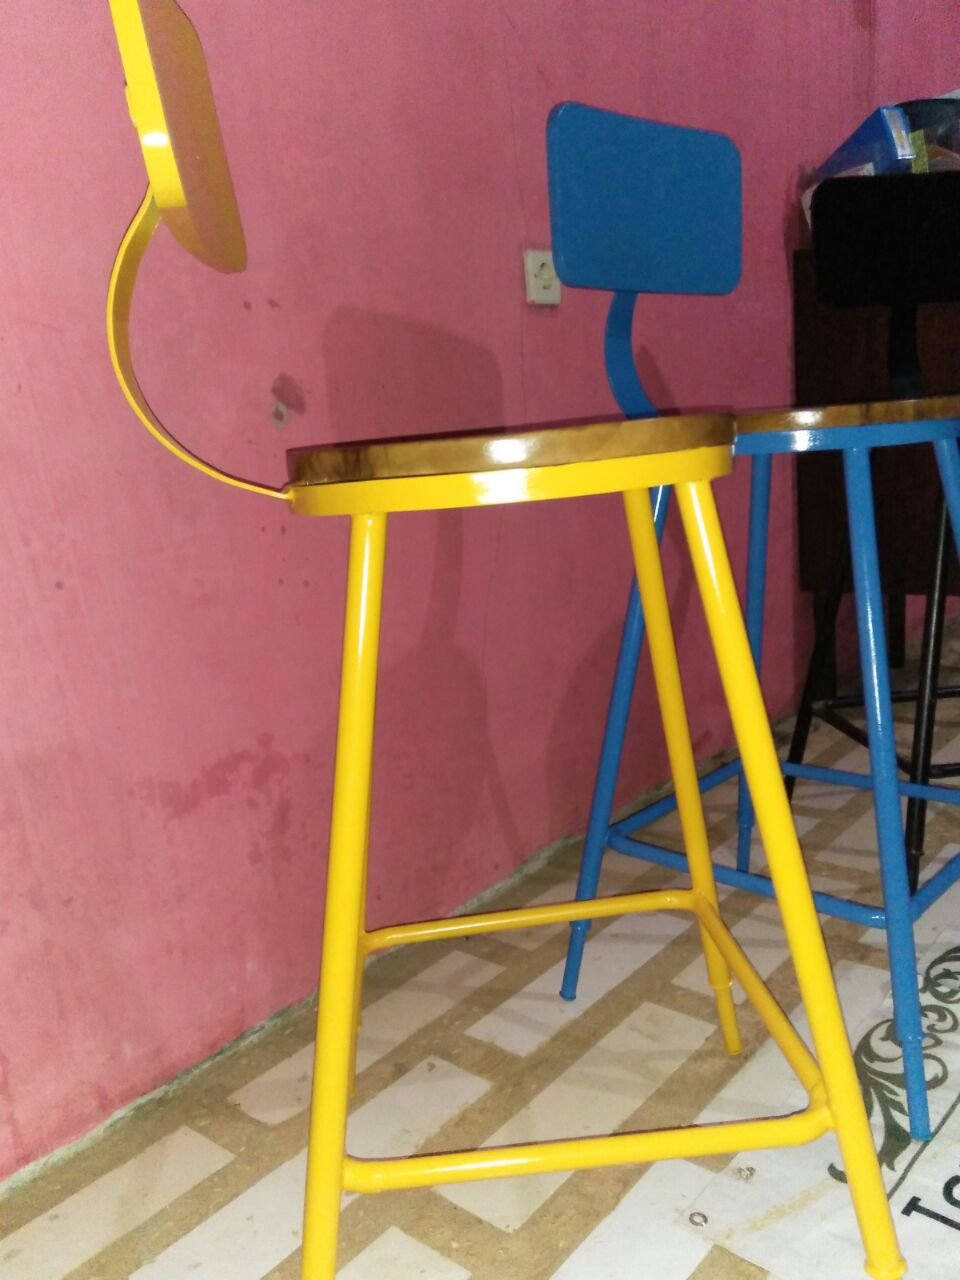 Kursi-Bar-Cafe-Besi-Warna-Warni-Desain-Full-Collor Kursi Bar Cafe Besi Warna - Warni Desain Full Collor